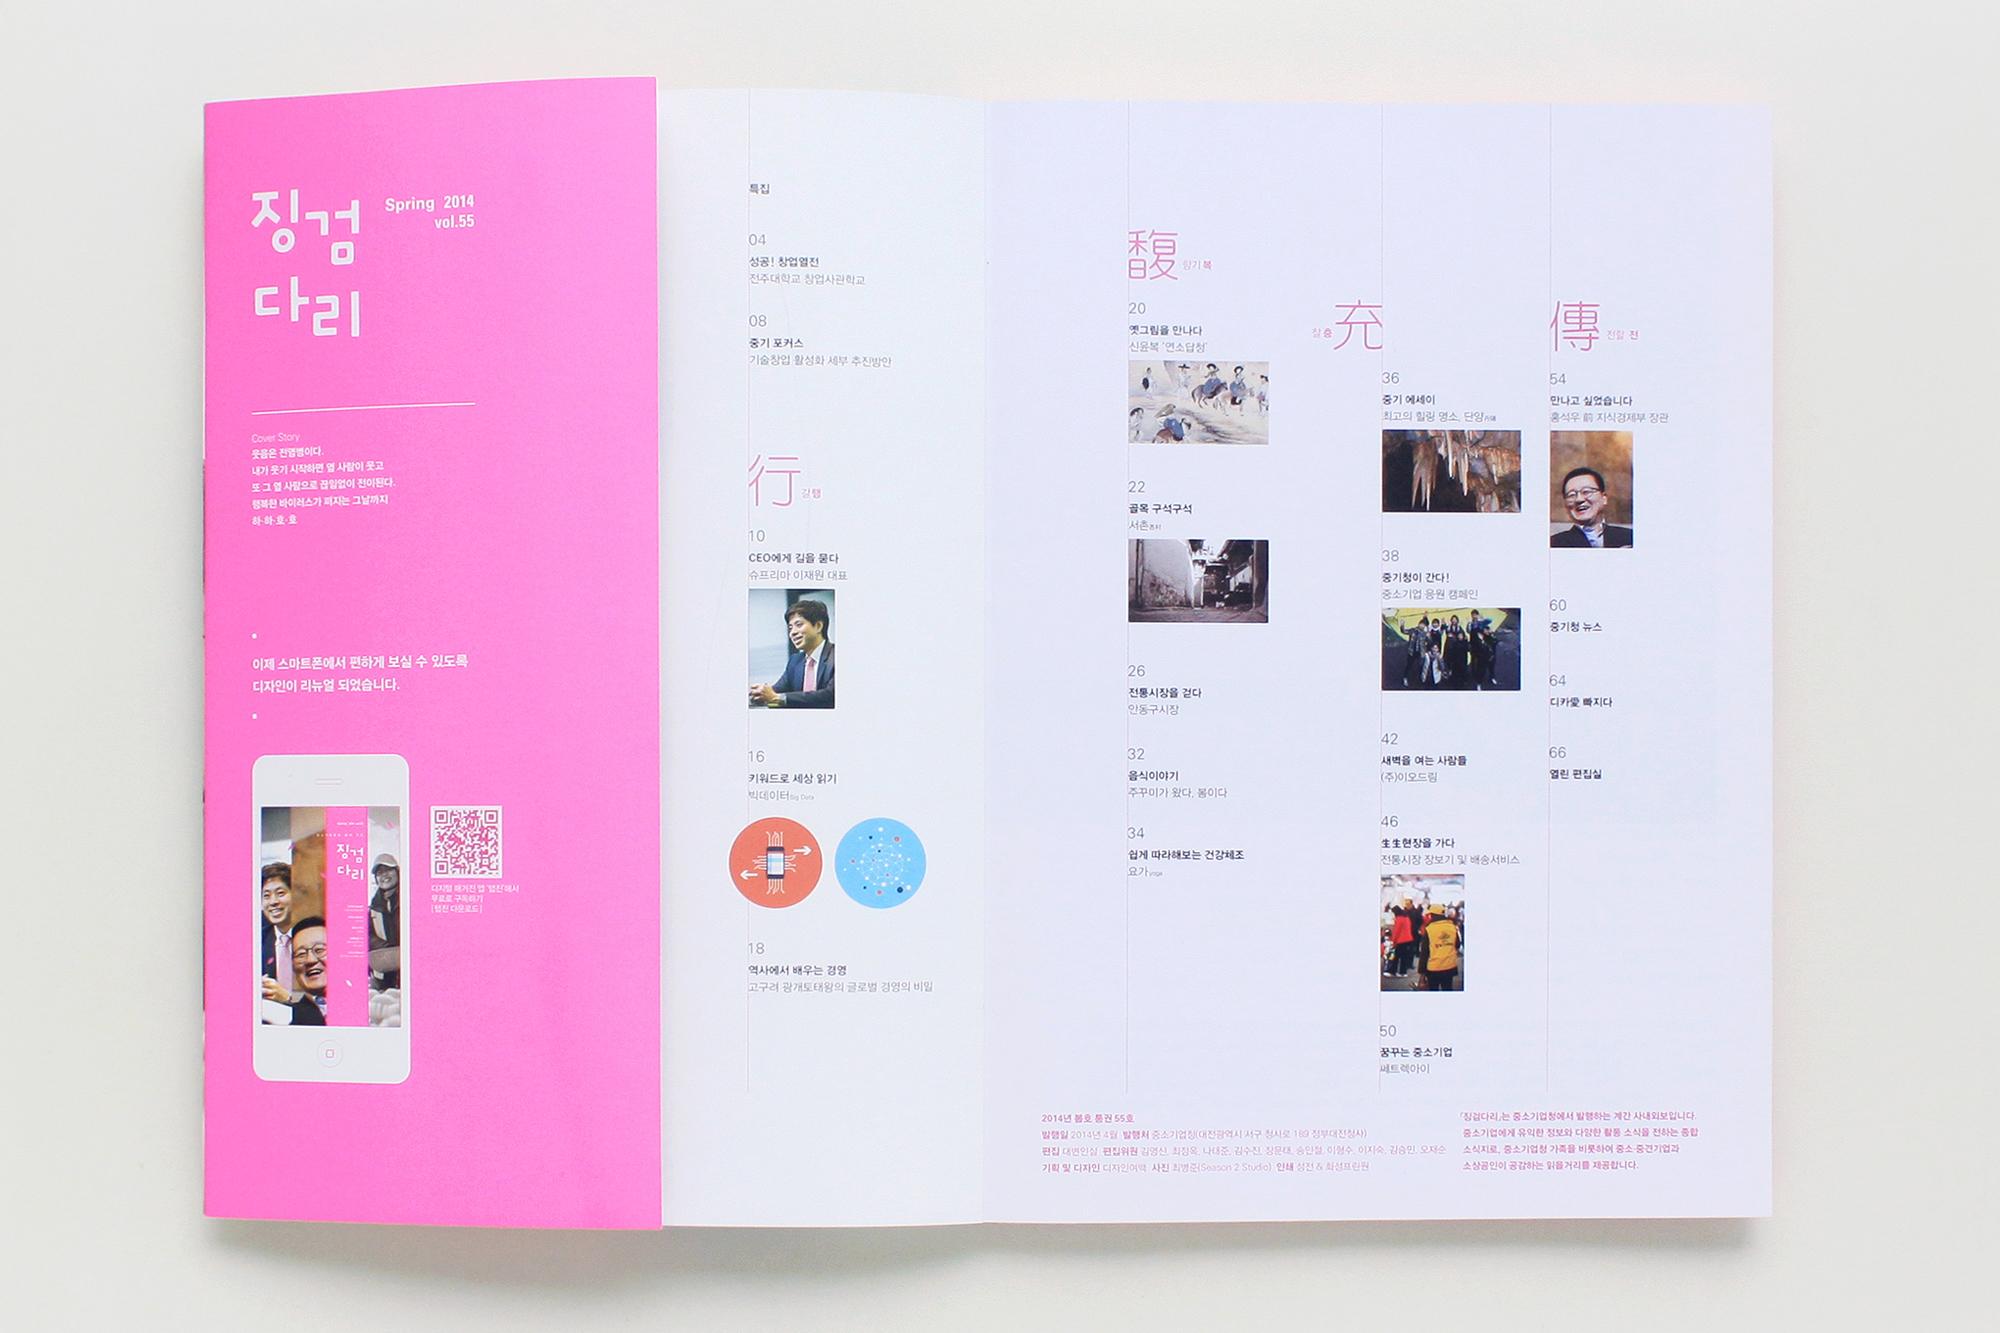 2014-징검다리 (3)